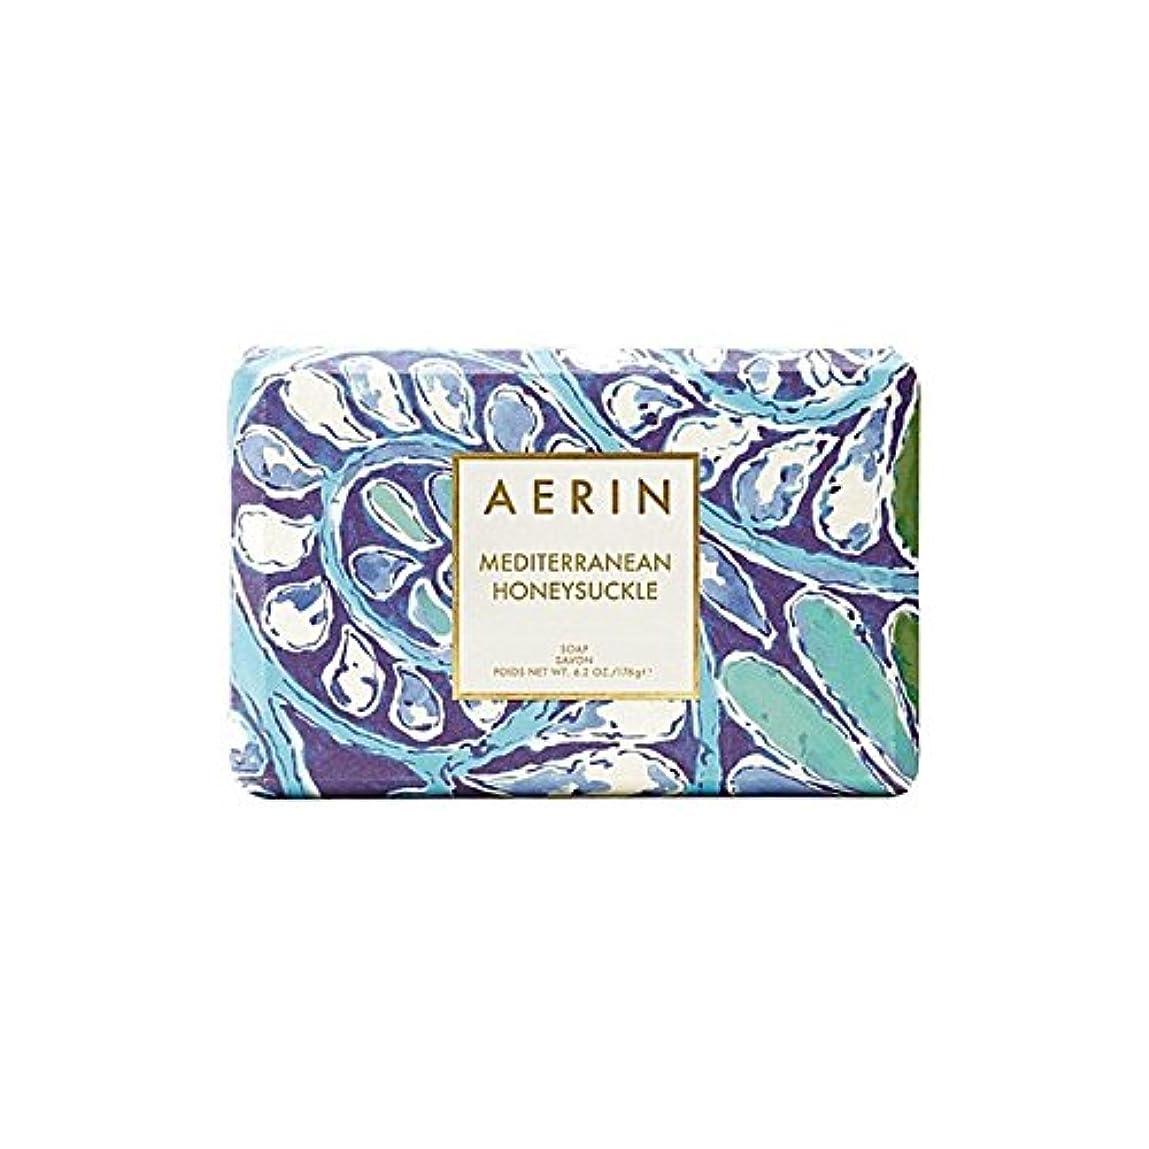 風味スイ求めるスイカズラ固形石鹸176グラム x4 - Aerin Mediterrenean Honeysuckle Bar Soap 176G (Pack of 4) [並行輸入品]